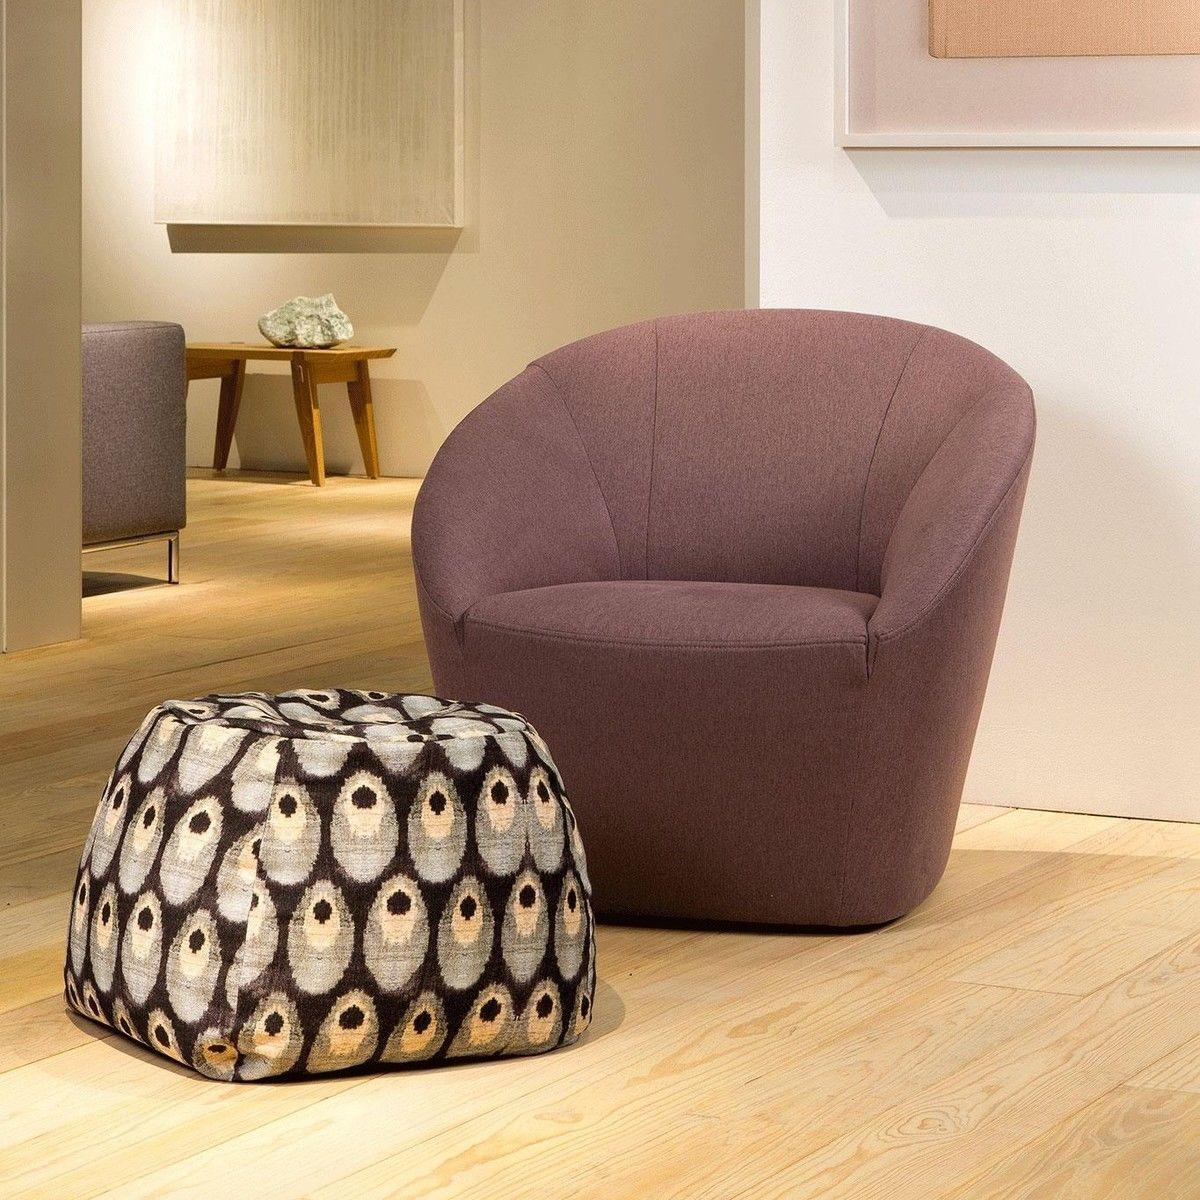 freistil 178 fauteuil freistil rolf benz. Black Bedroom Furniture Sets. Home Design Ideas